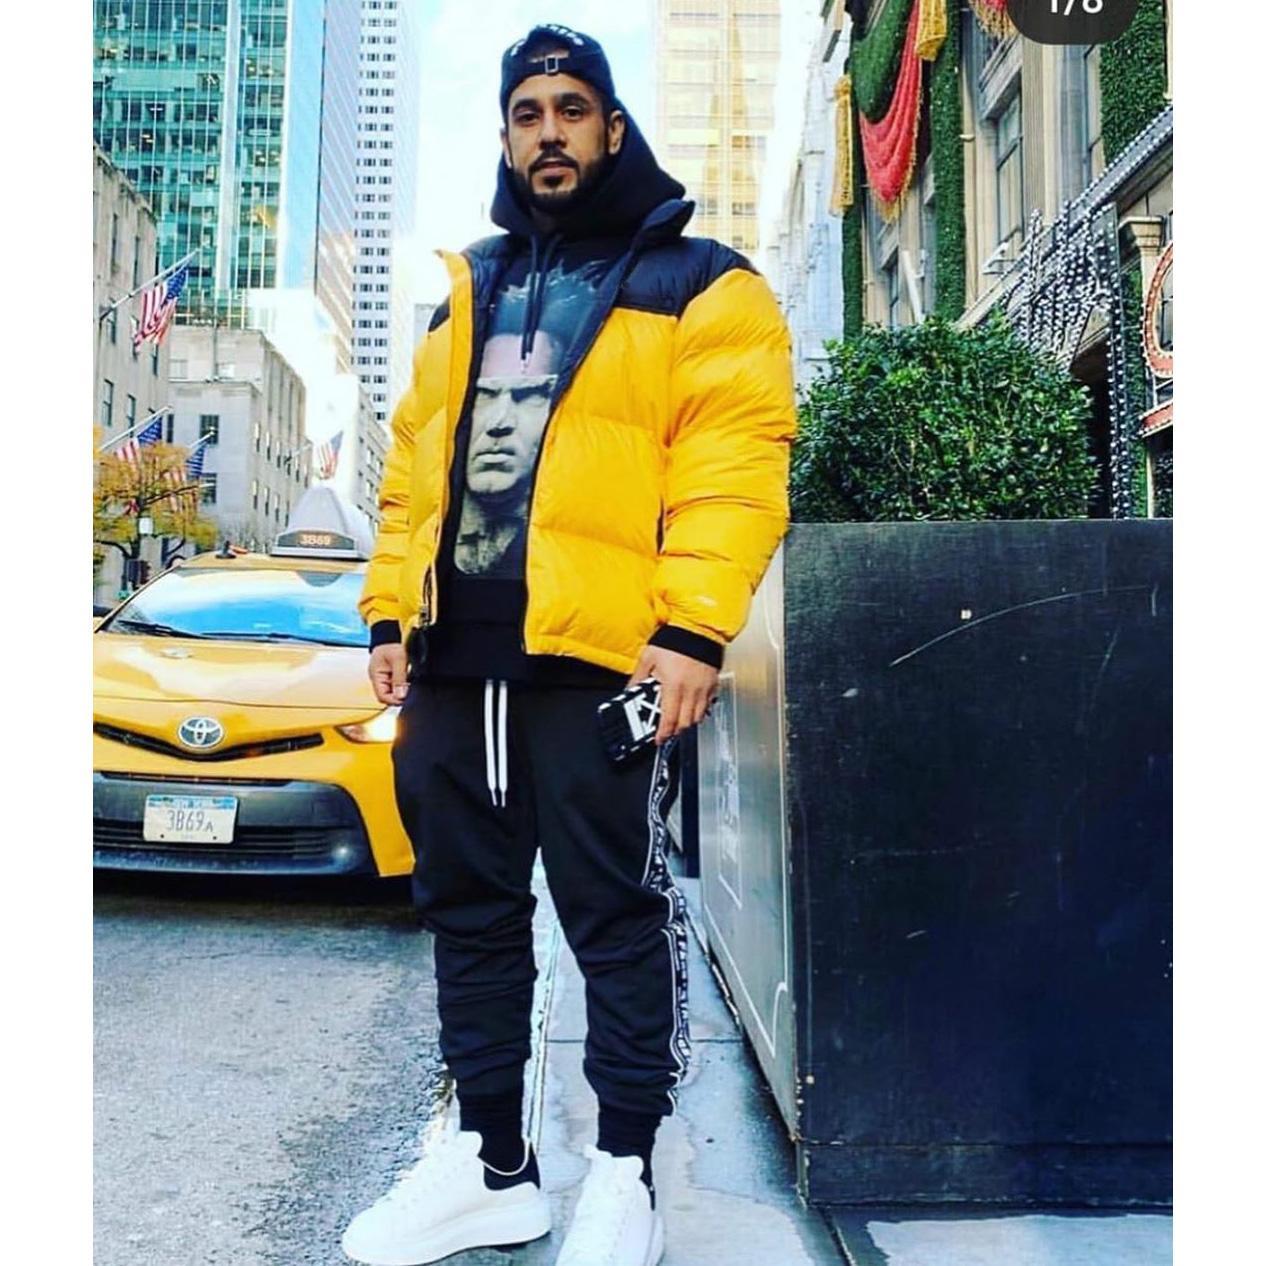 Erkek Tasarımcı Jacakets Yüz Kuzey Moda Marka Harf Baskılı Aşağı Jacekts Kış Yüksek Quanlity Coats Erkek Marka Parkas Boyut M-XL Tops